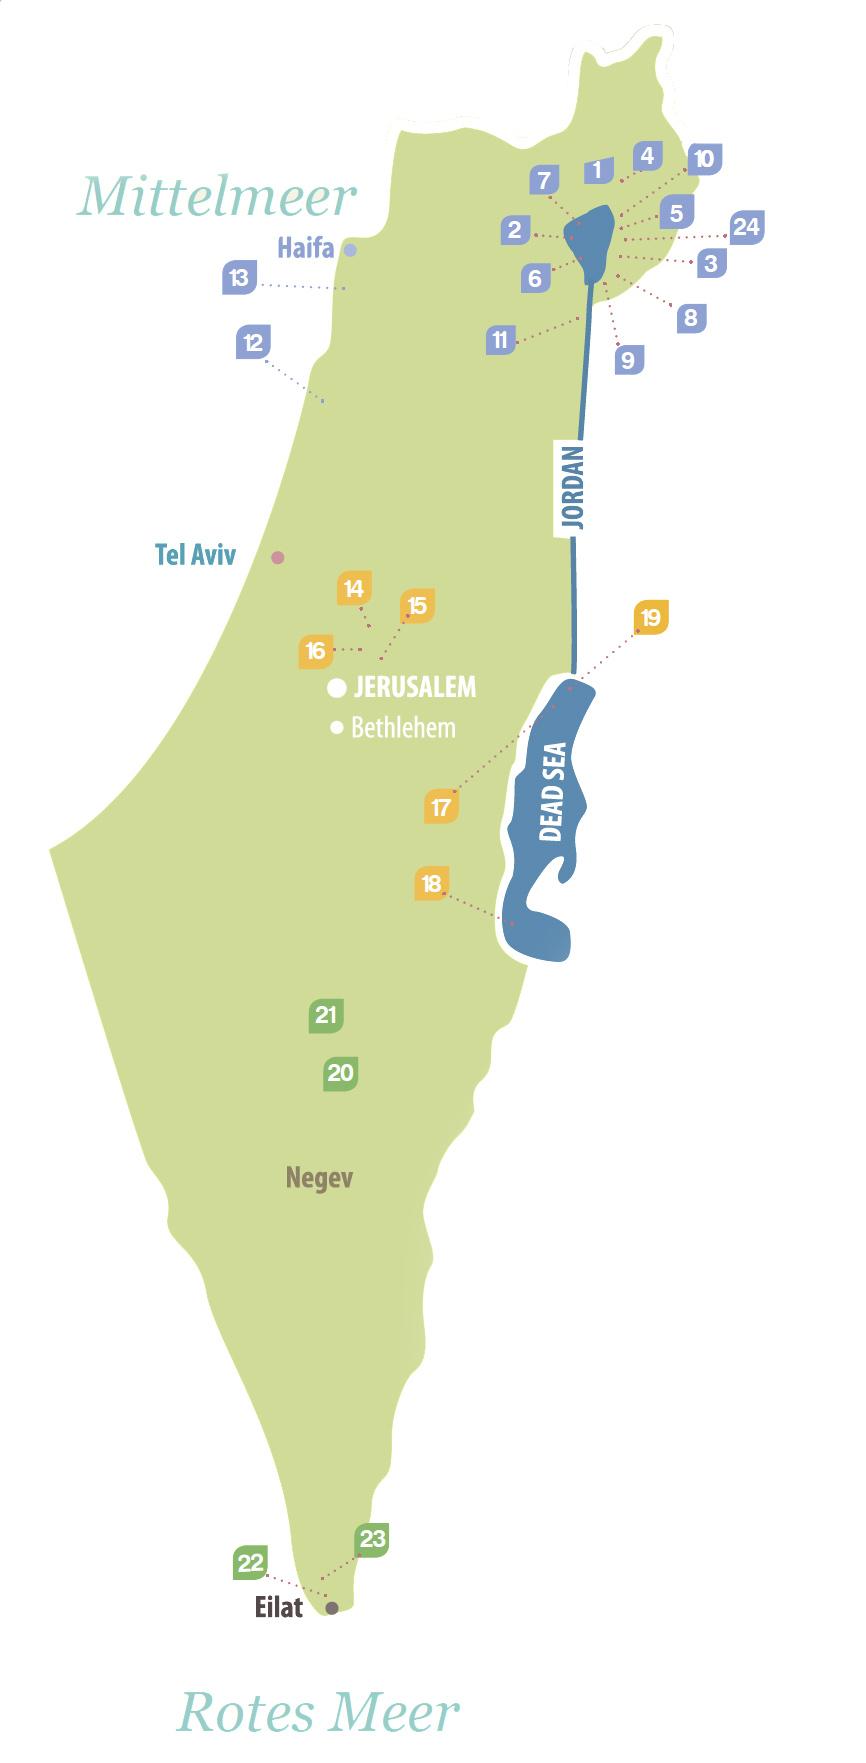 Israel Karte.Kibbutz Israel Karte